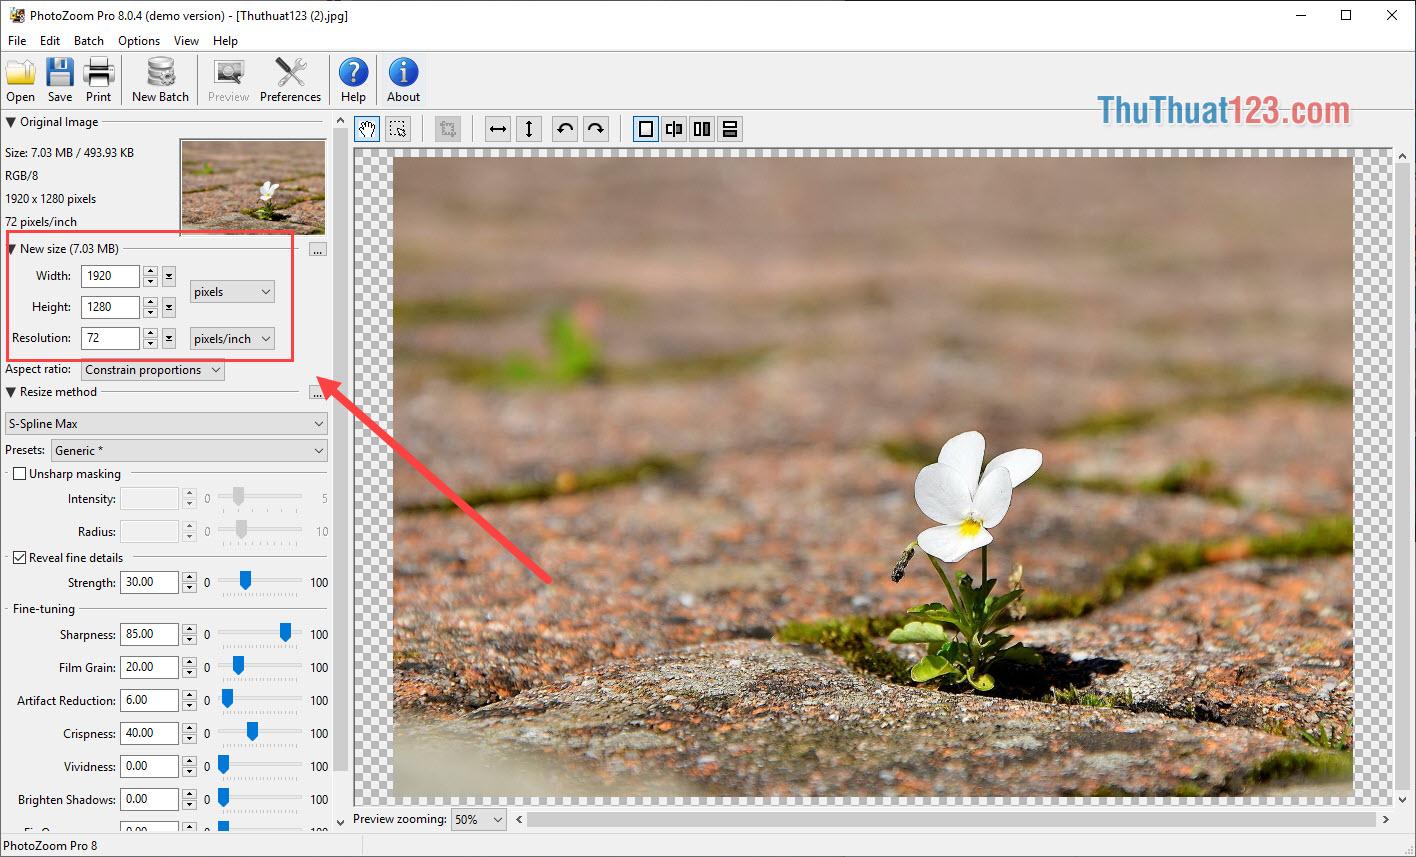 Độ phân giải mặc định của hình ảnh ở phần New Size